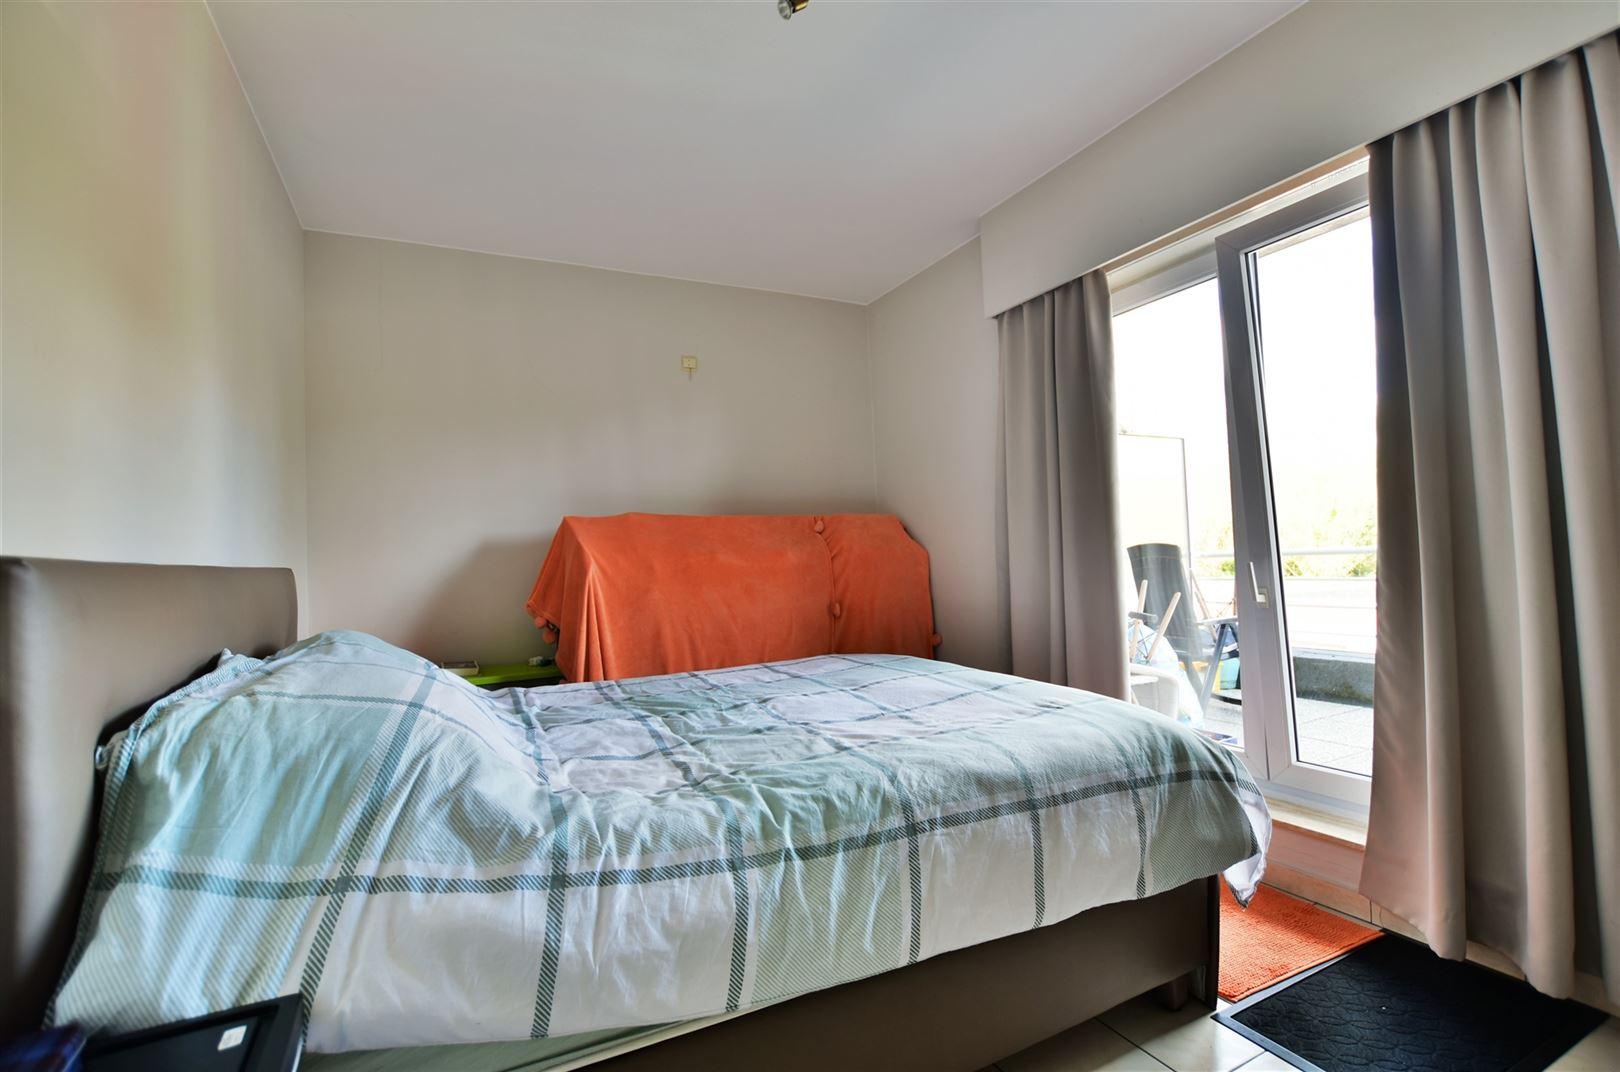 Foto 6 : Appartement te 9200 APPELS (België) - Prijs € 190.000